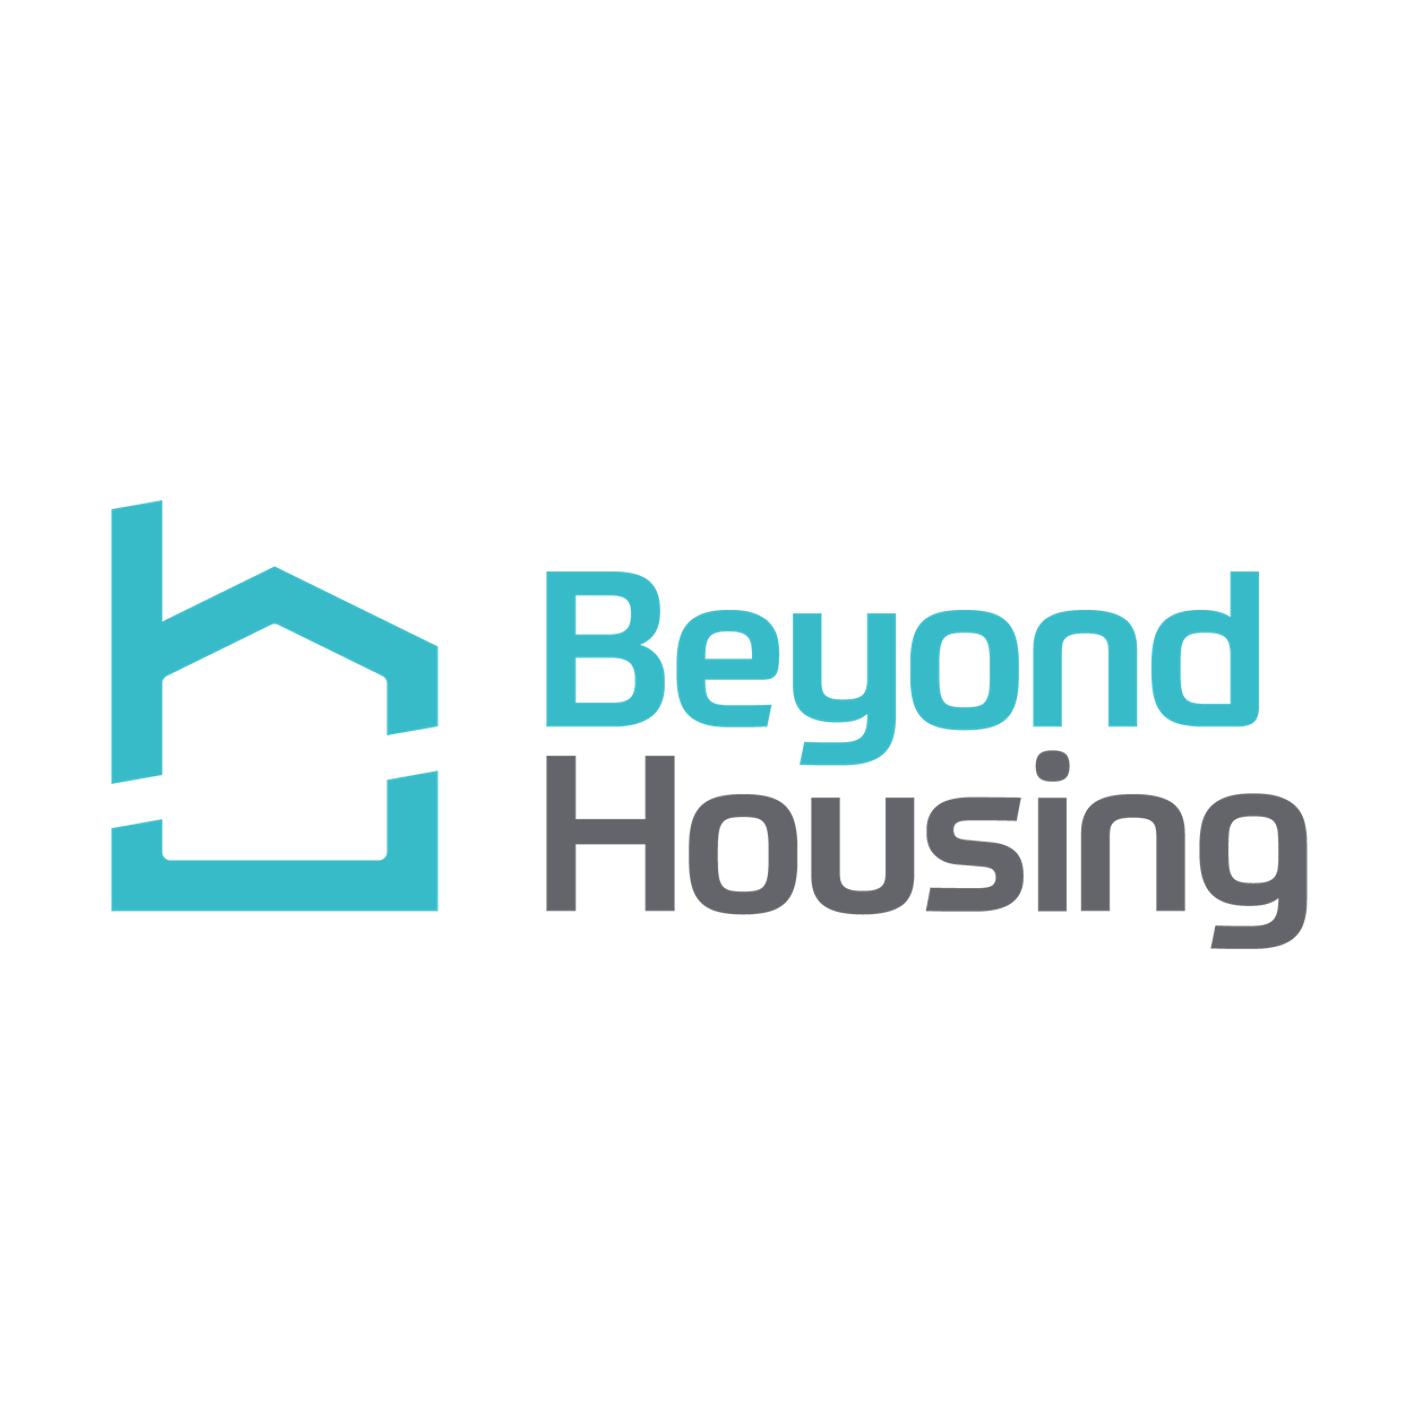 beyondhousing